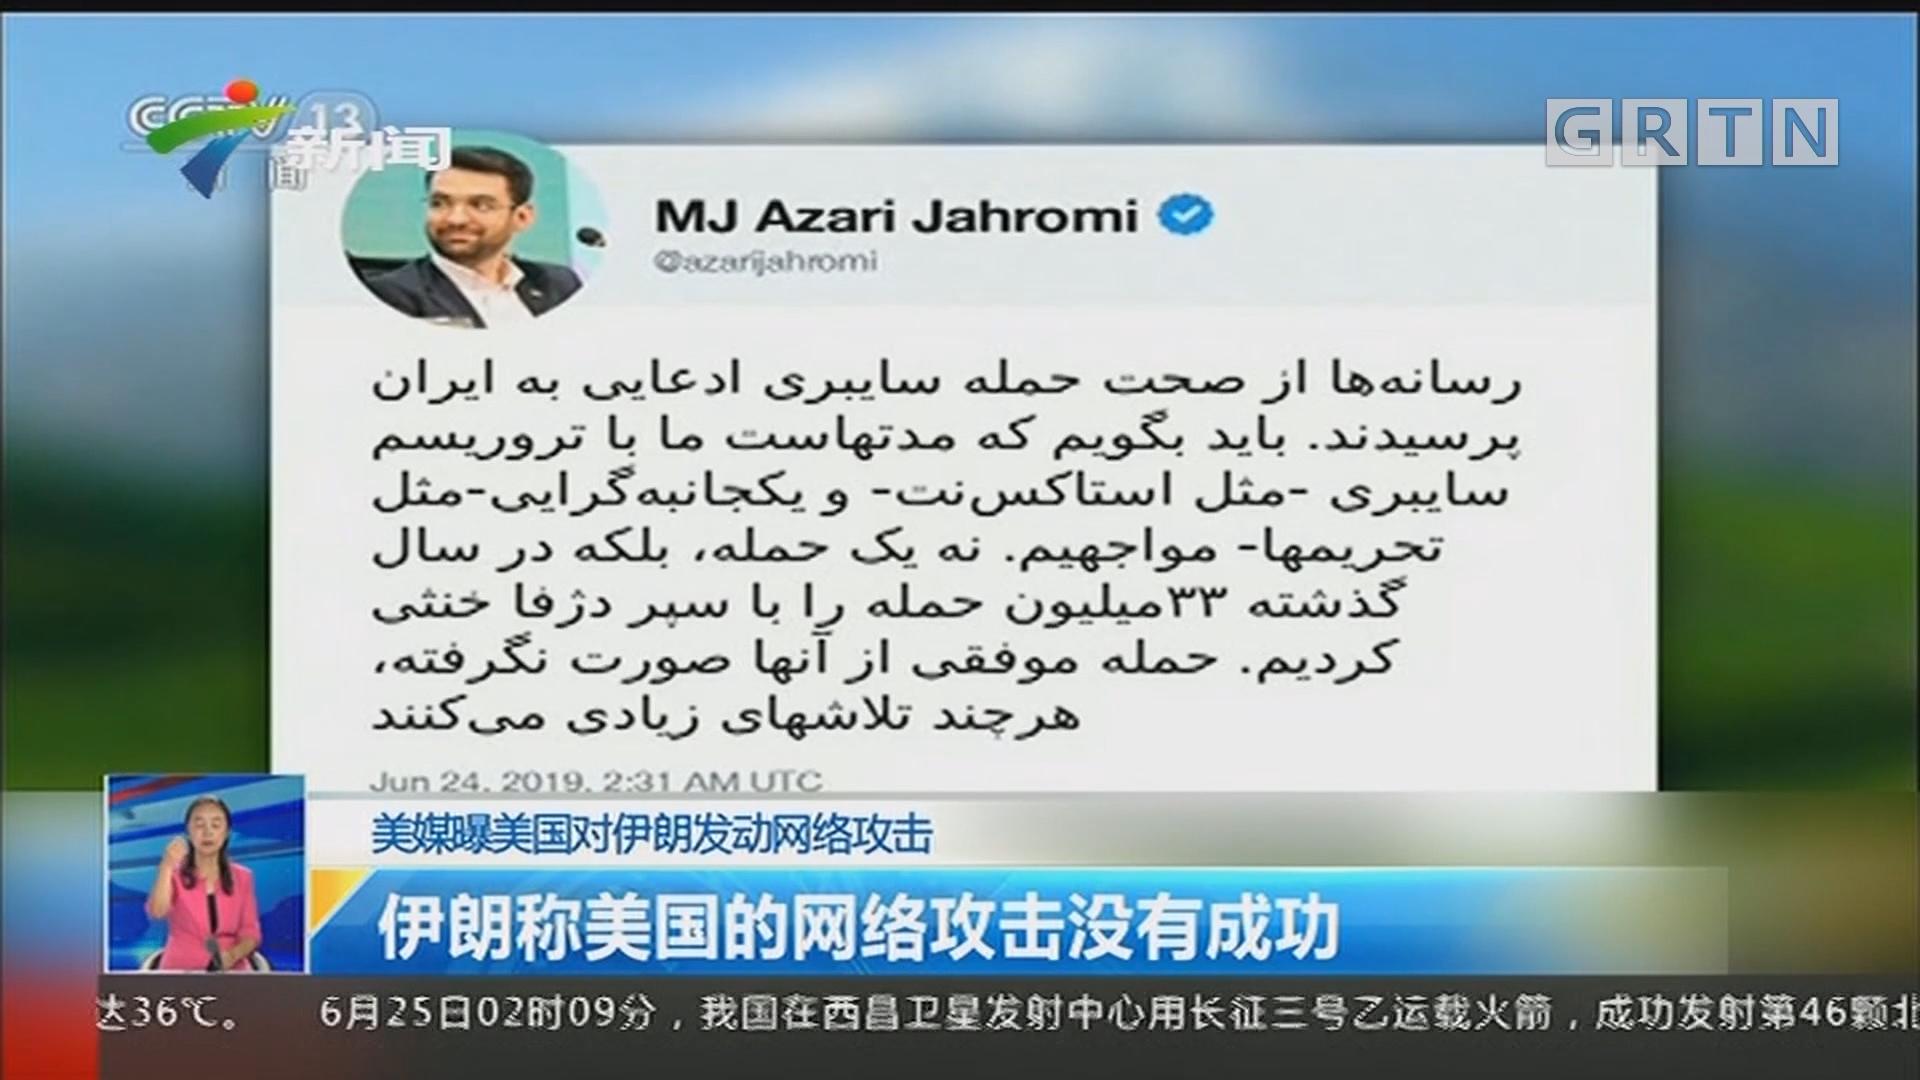 美媒曝美国对伊朗发动网络攻击:伊朗称美国的网络攻击没有成功